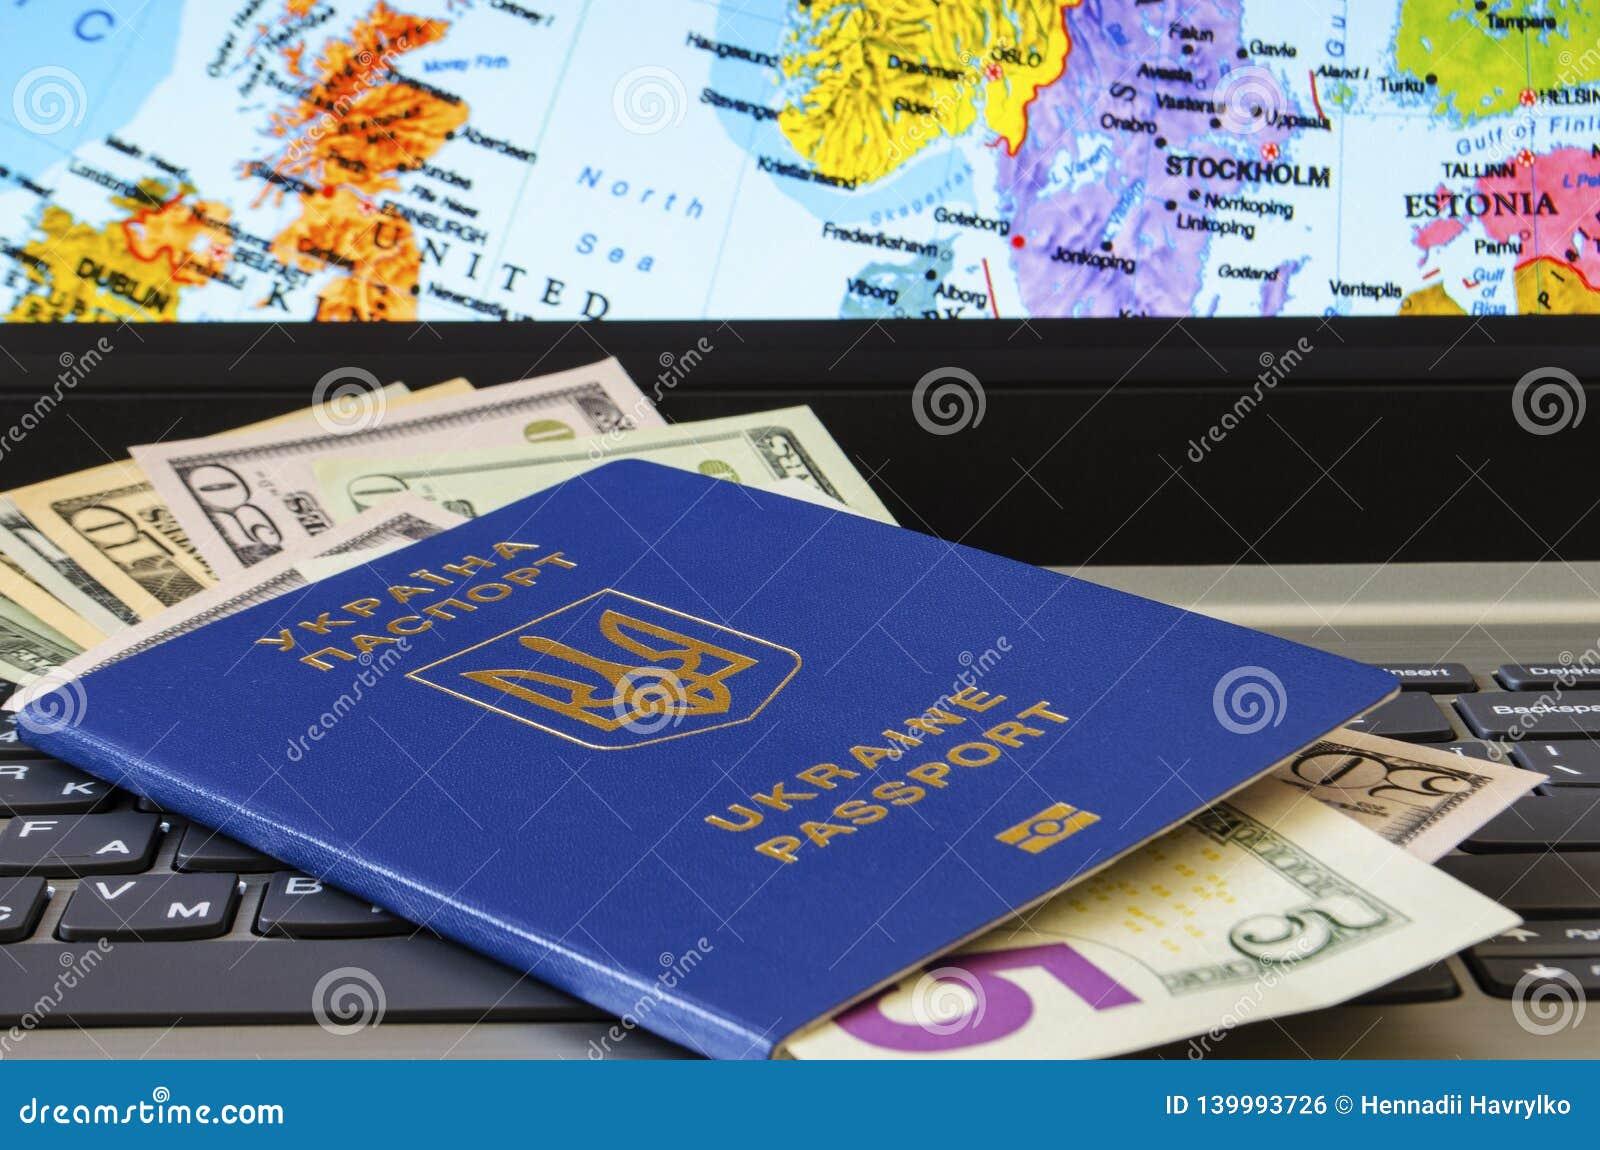 Paspoort met dollarrekeningen op de achtergrond van de kaart van Europa